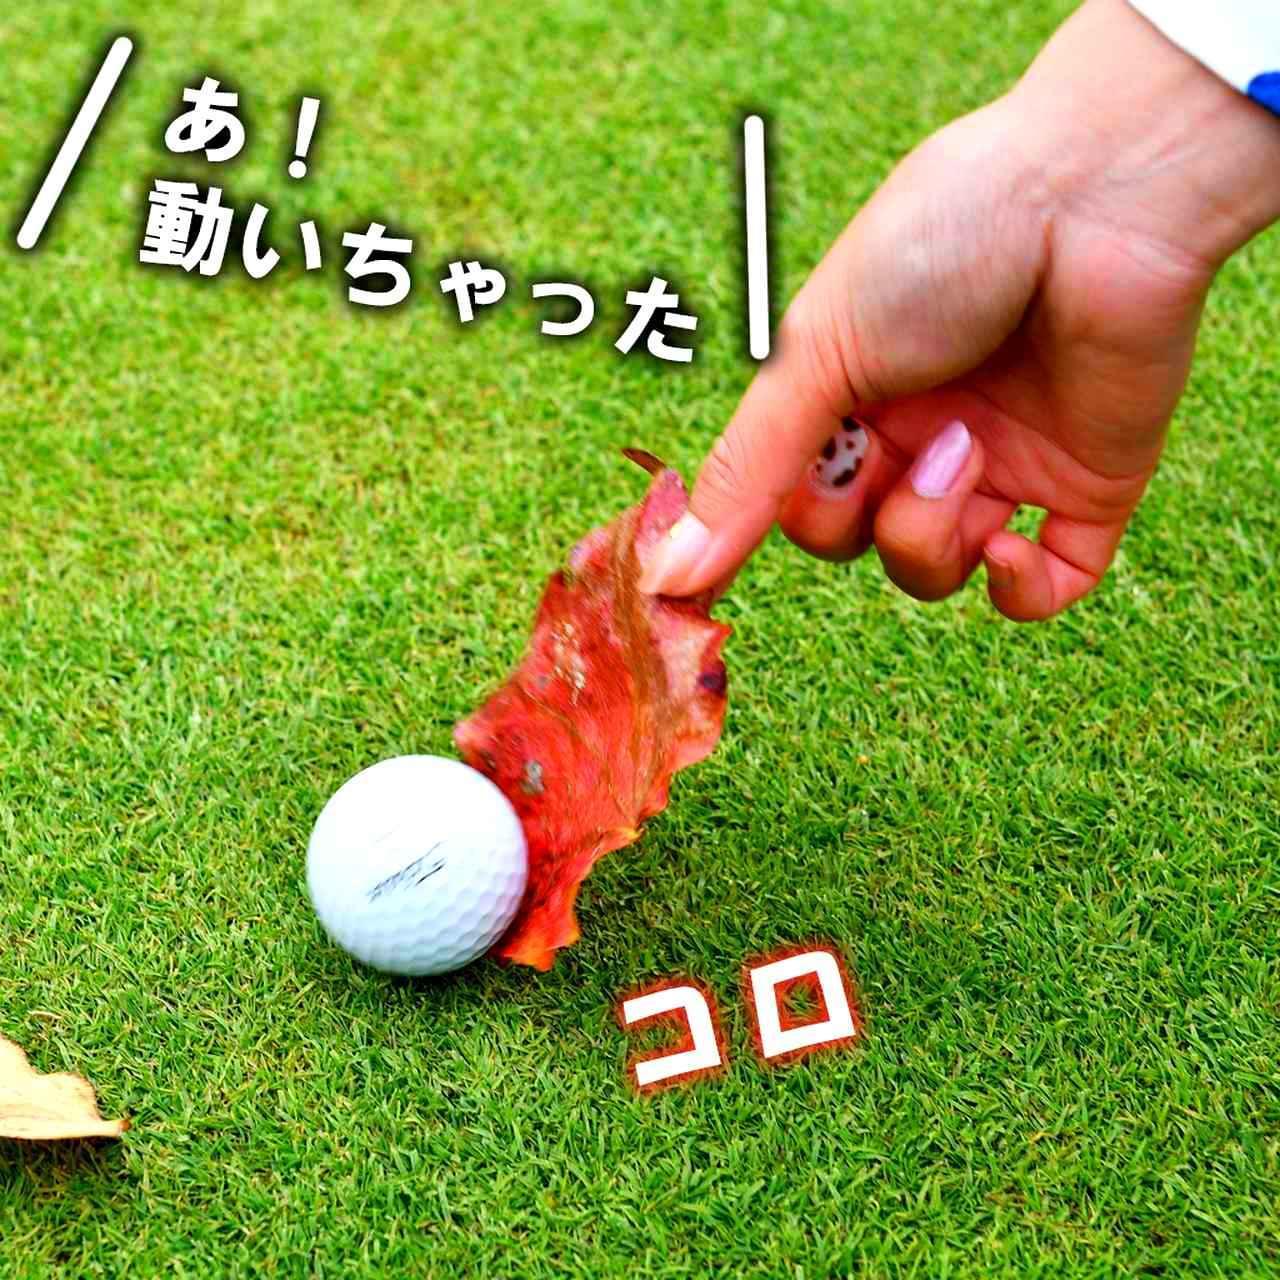 画像2: 【ルール】グリーン上で落ち葉を拾ったら球が動いちゃった! これってペナルティになる?